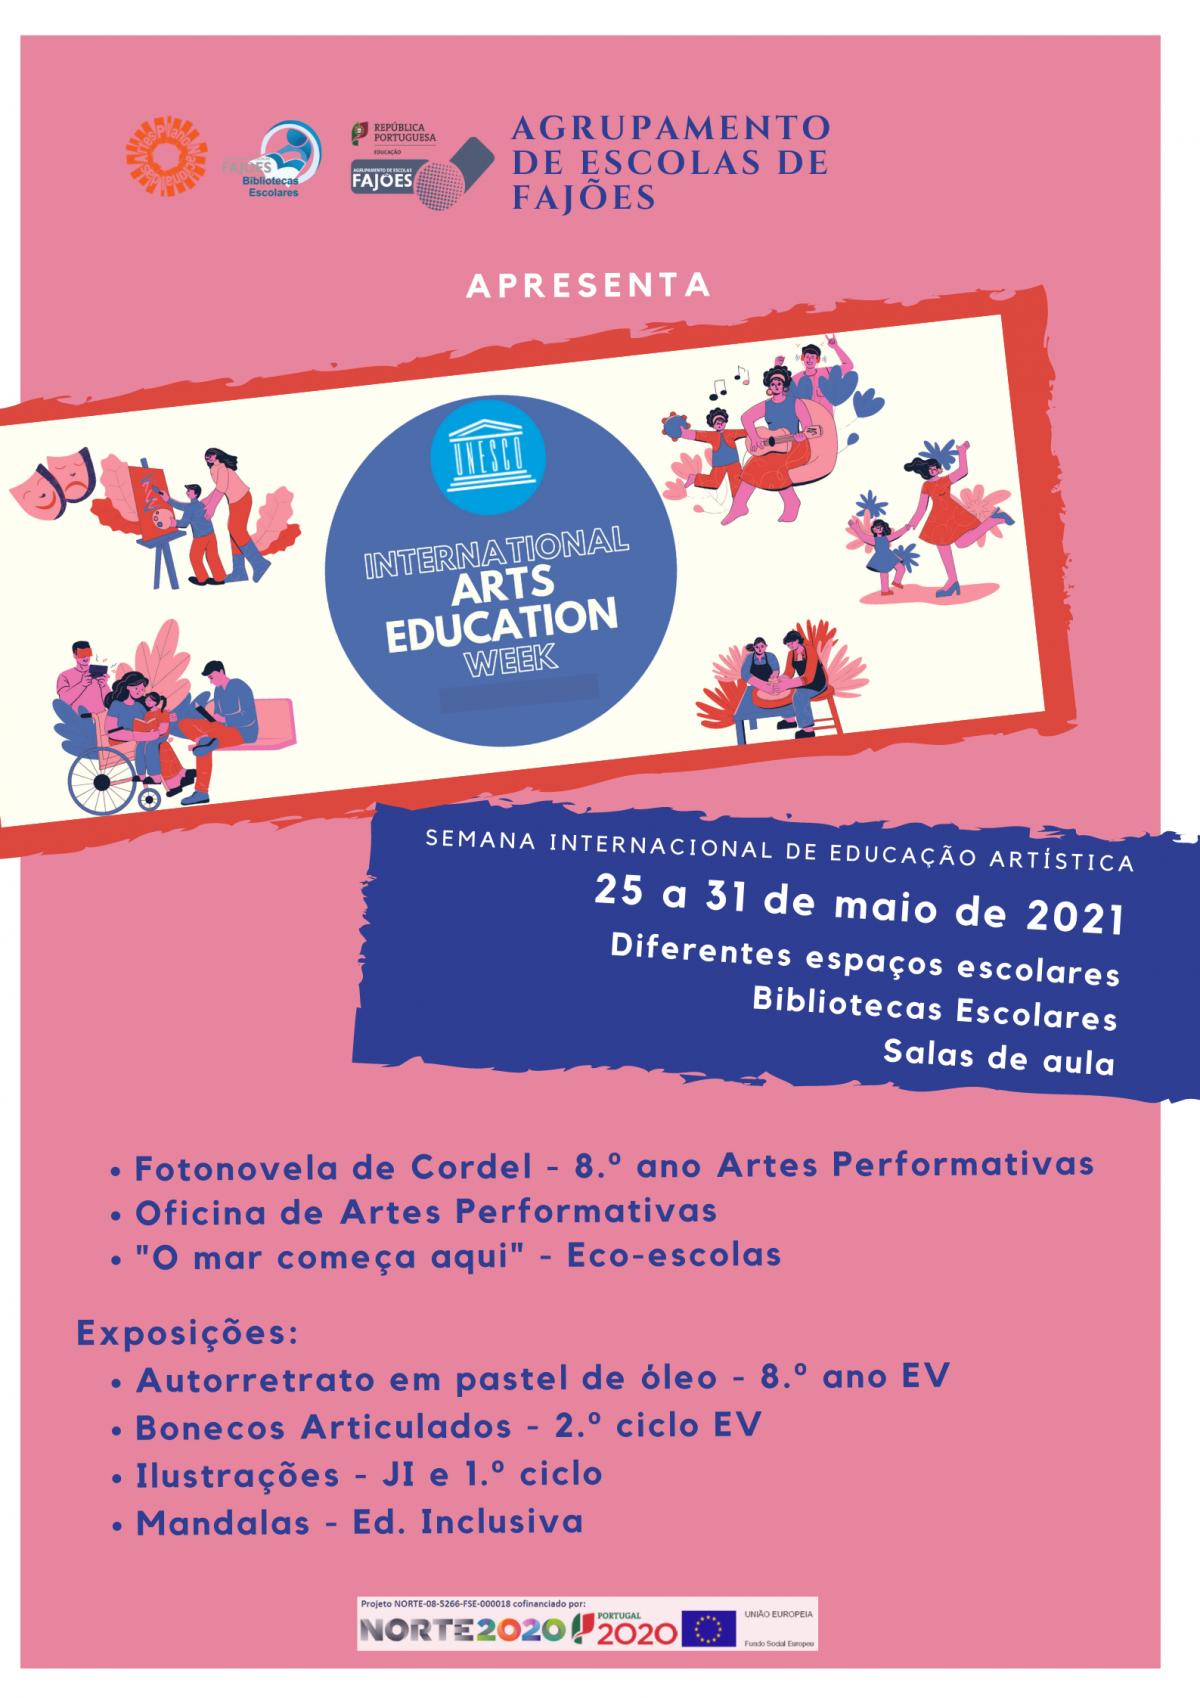 Semana Internacional da Educação Artística